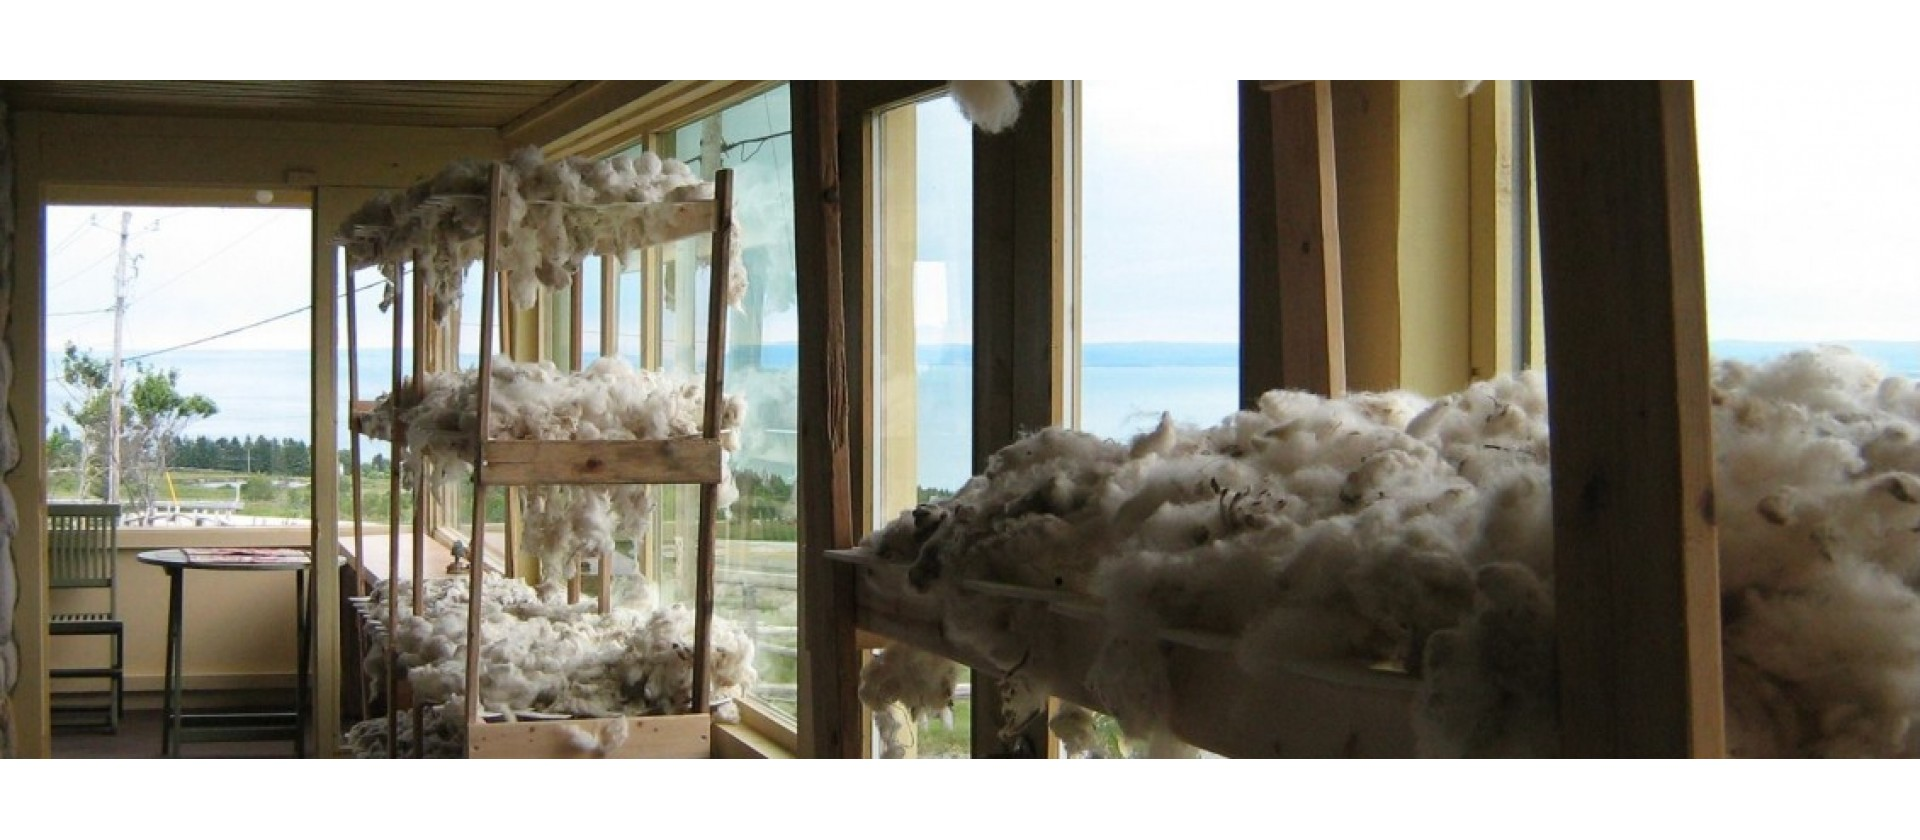 Séchage laine de mouton Charlevoix Pure Laine